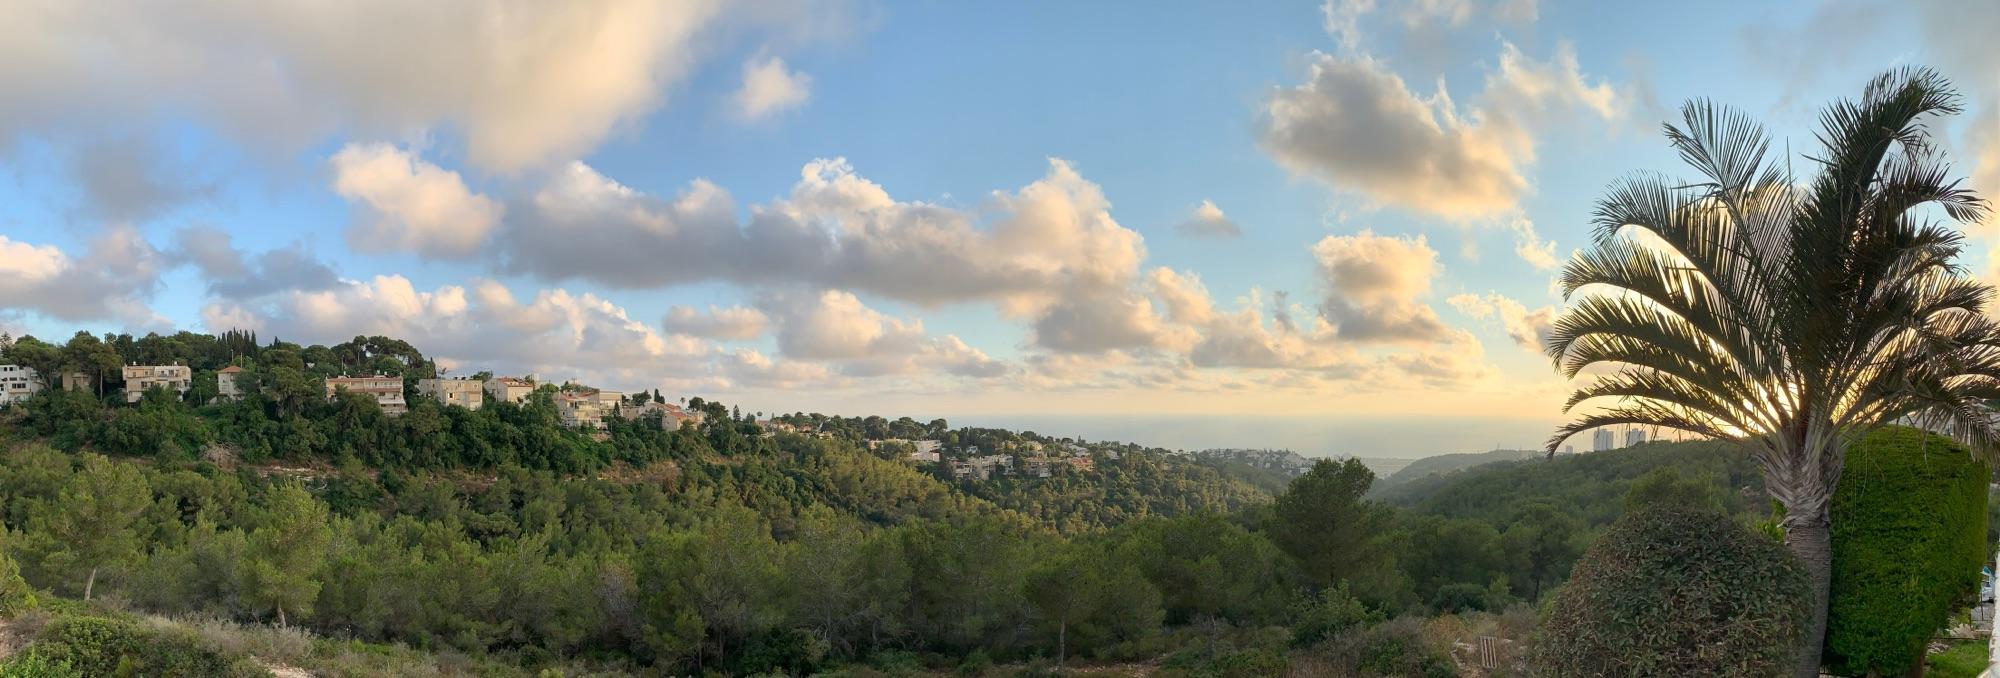 Хвйфа, вид на Юго-Запад с горы Кармель.Слева район вилл «Дэния», внизу у моря город-спутник Тират а-Кармель (он же Тира)